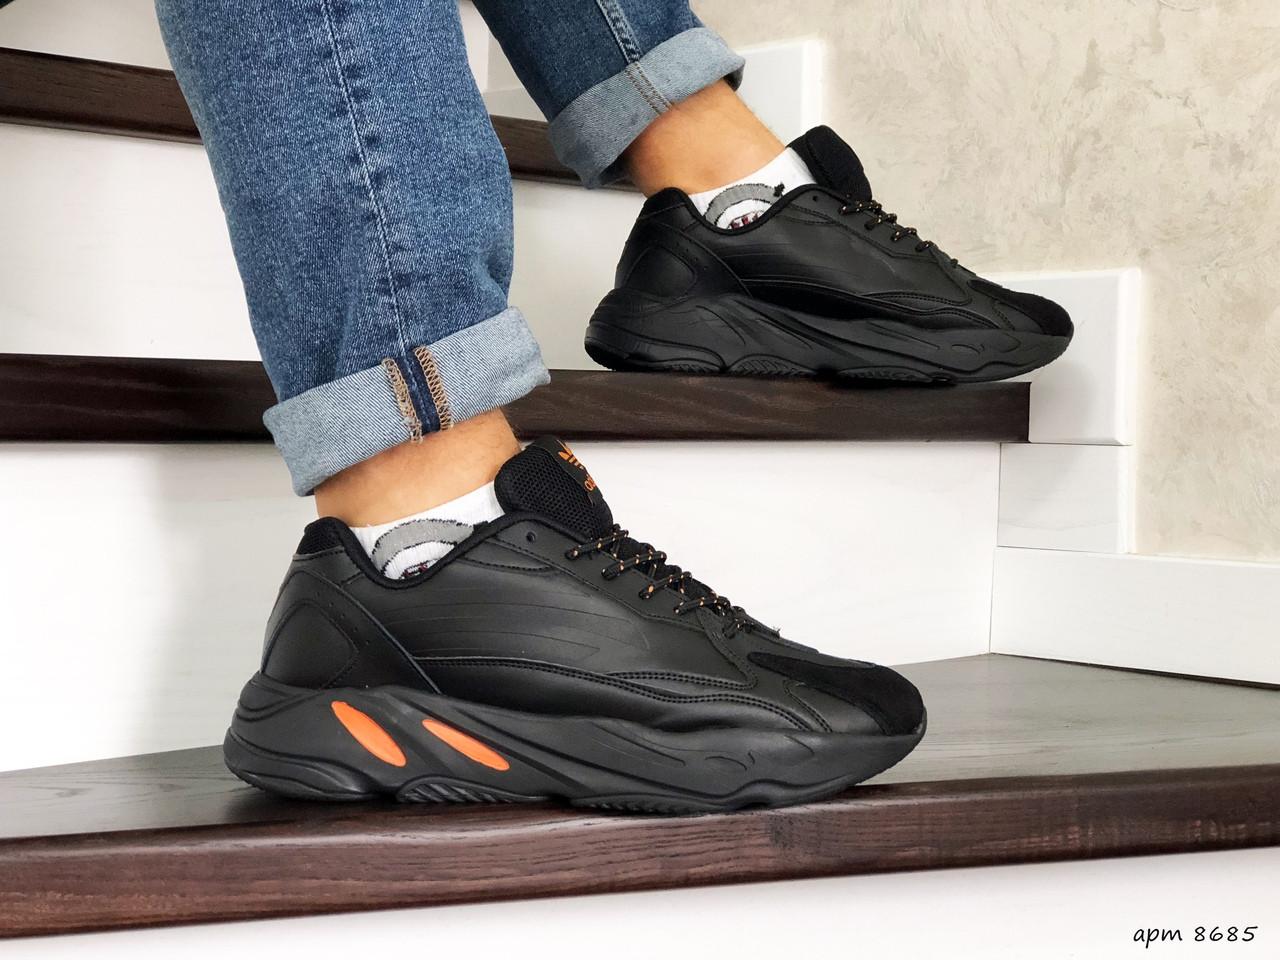 Чоловічі кросівки Adidas Yeezy Boost 700 (чорно-помаранчеві)